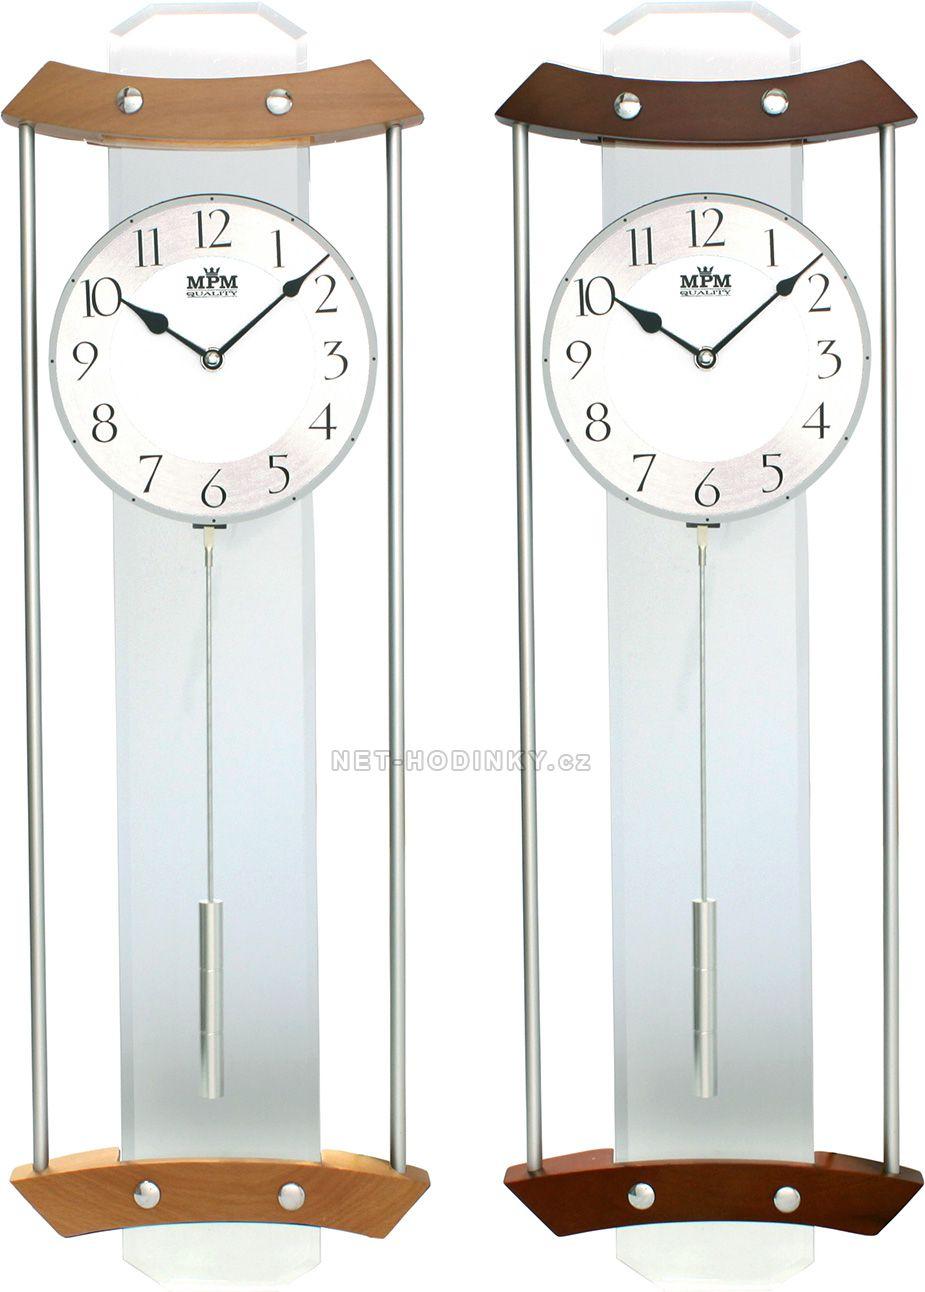 Moderní kyvadlové hodiny E07.3053.0266 - E07.3053